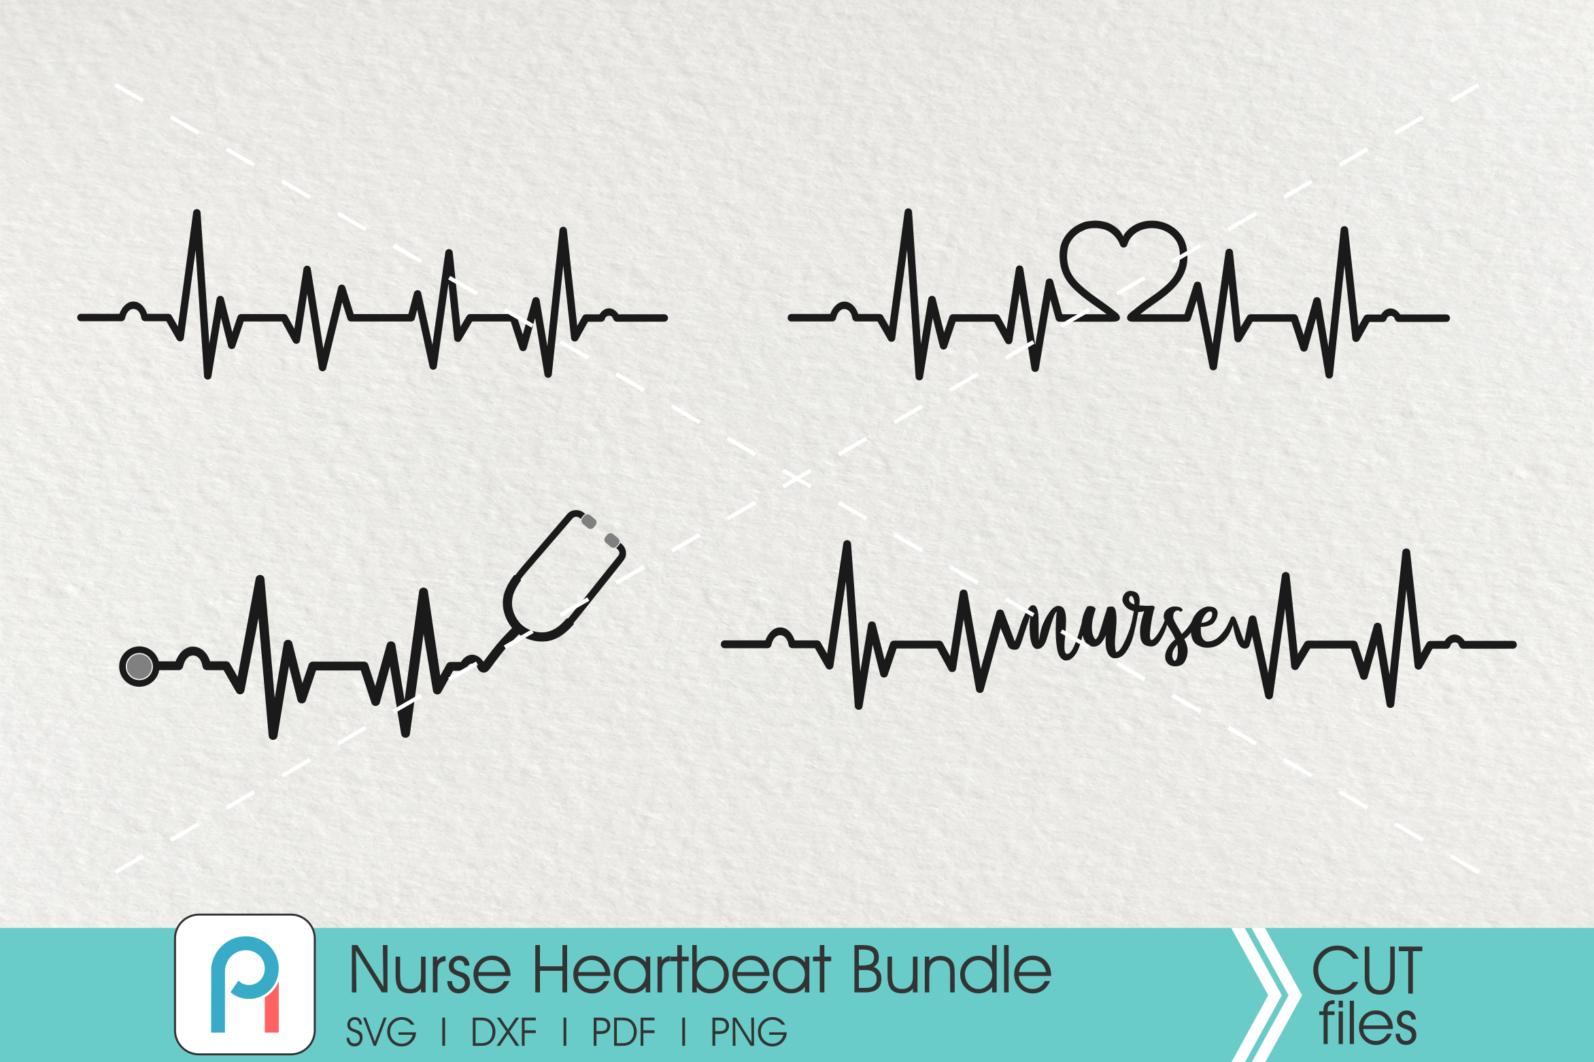 heartbeat svg, nurse svg, lifeline svg, nurse svg file - f51ef3c70925377a368a1d8f4e37505f resize -